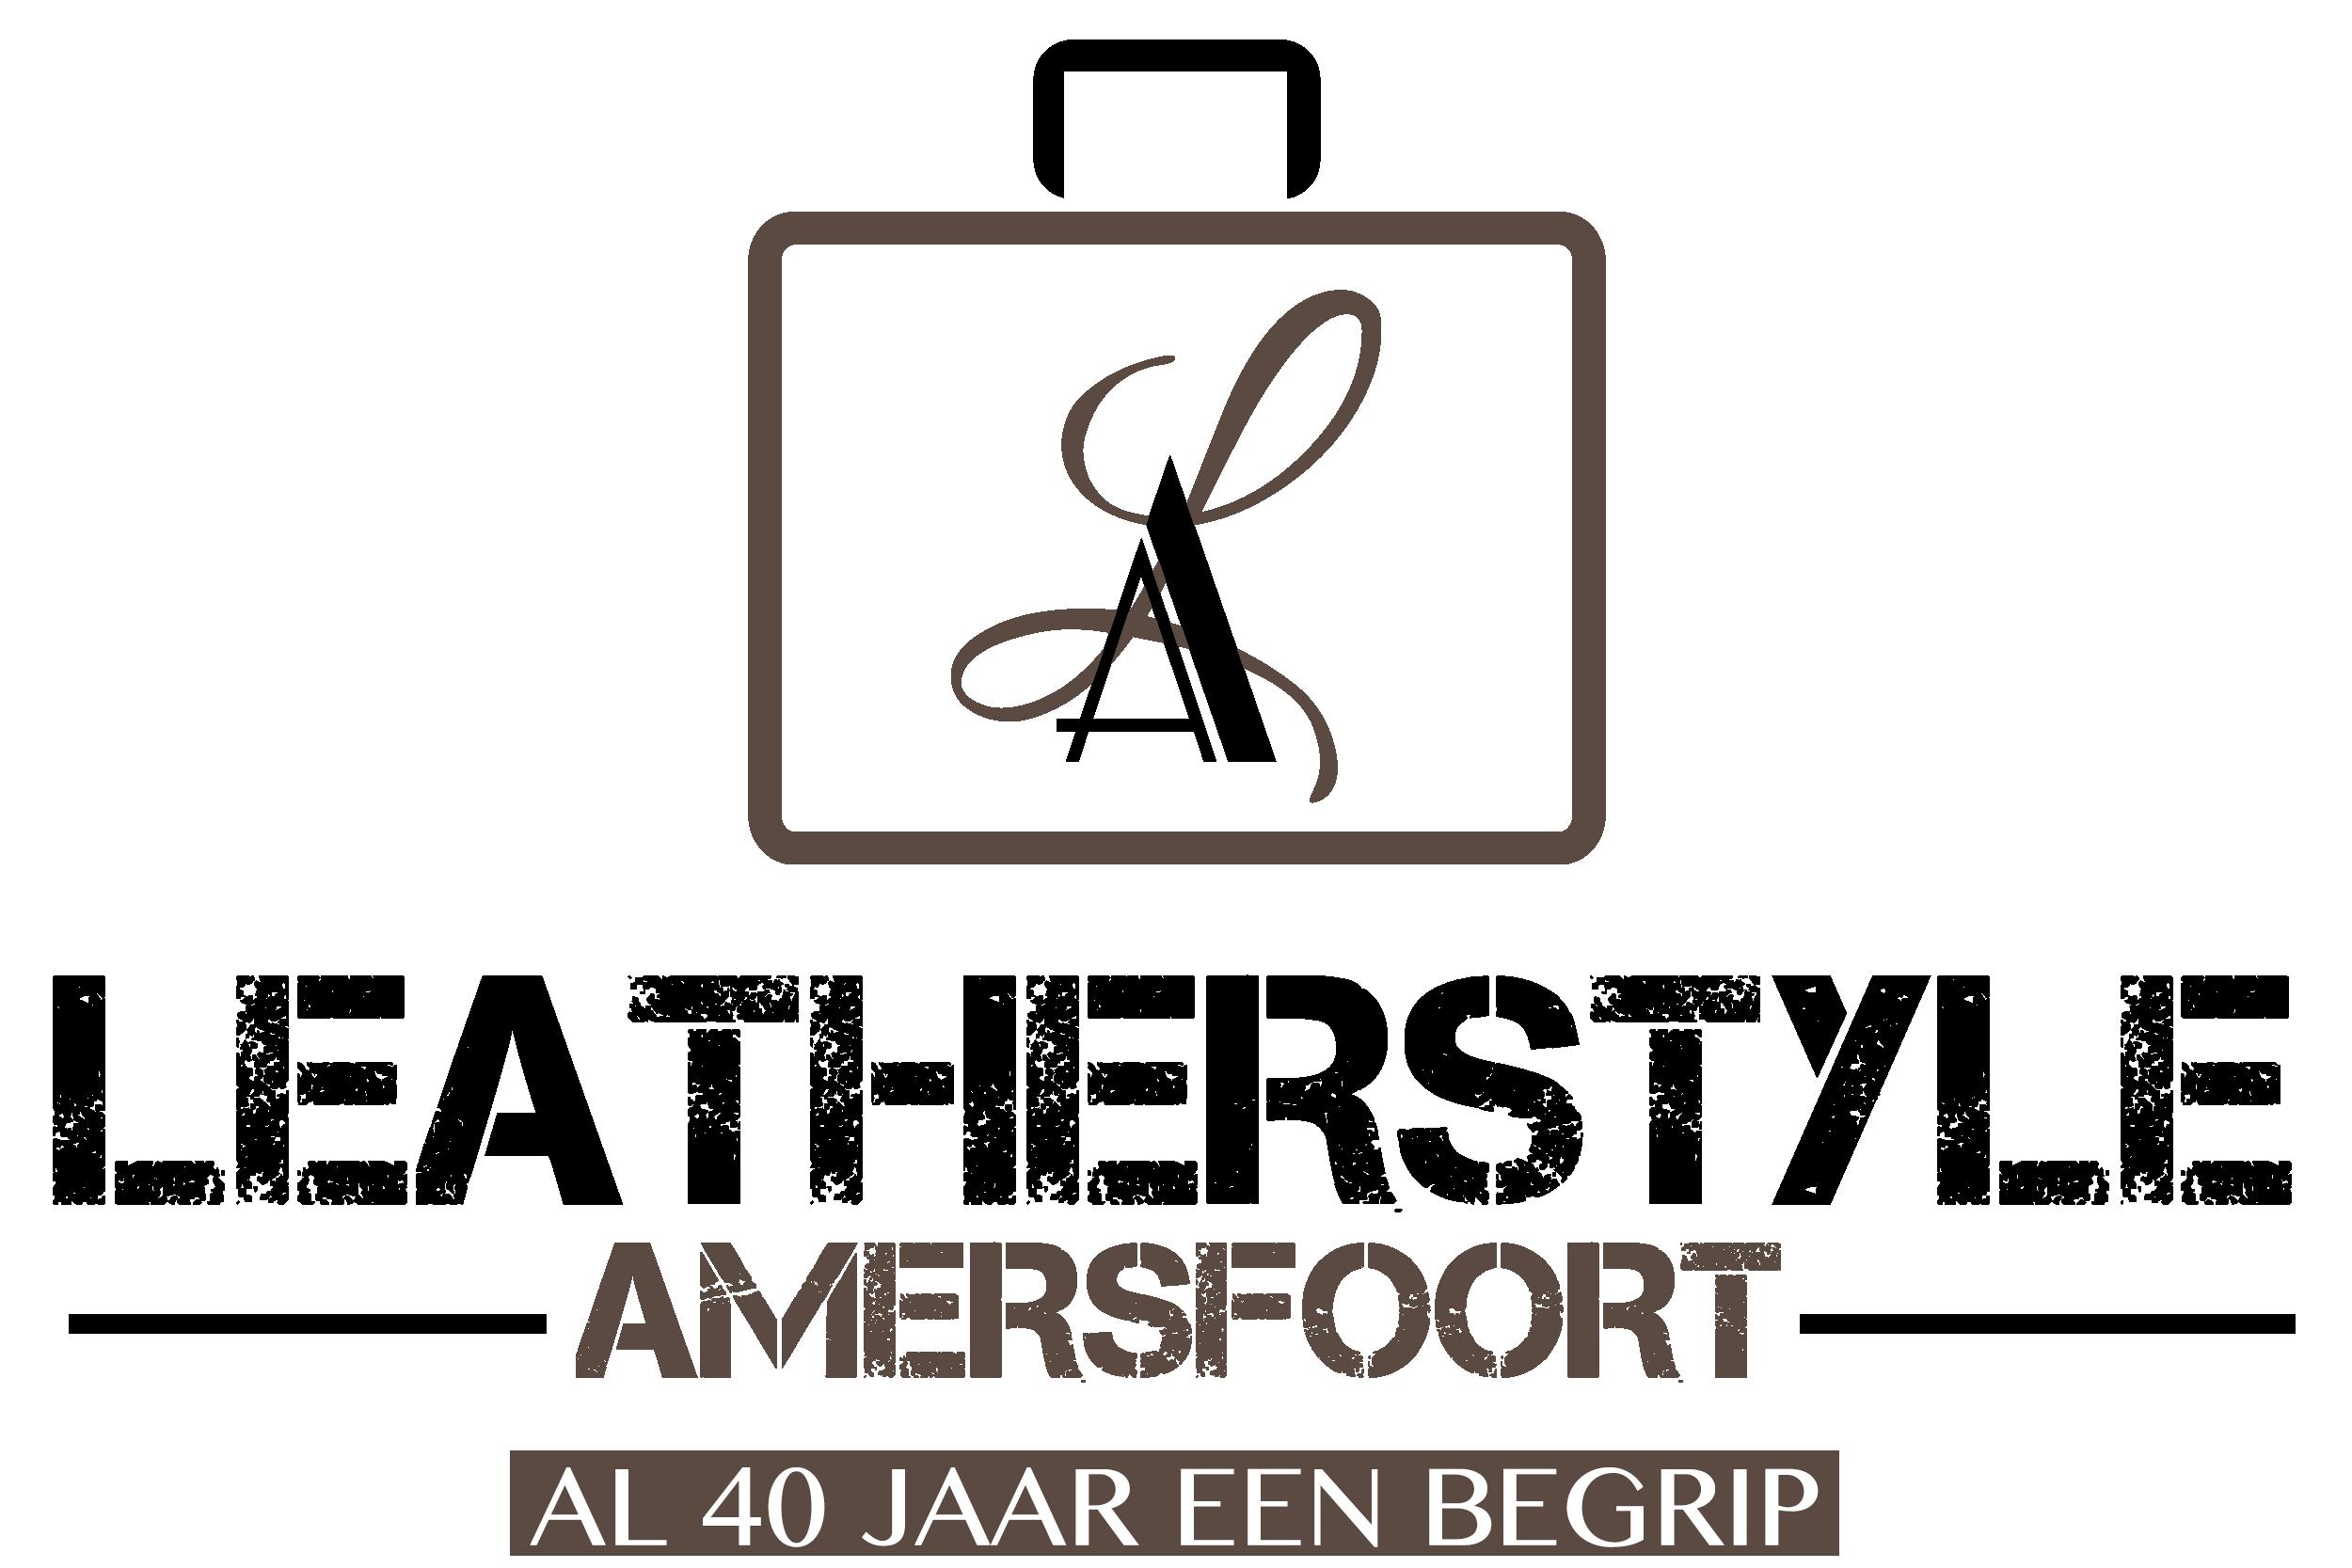 leatherstyle Amersfoort